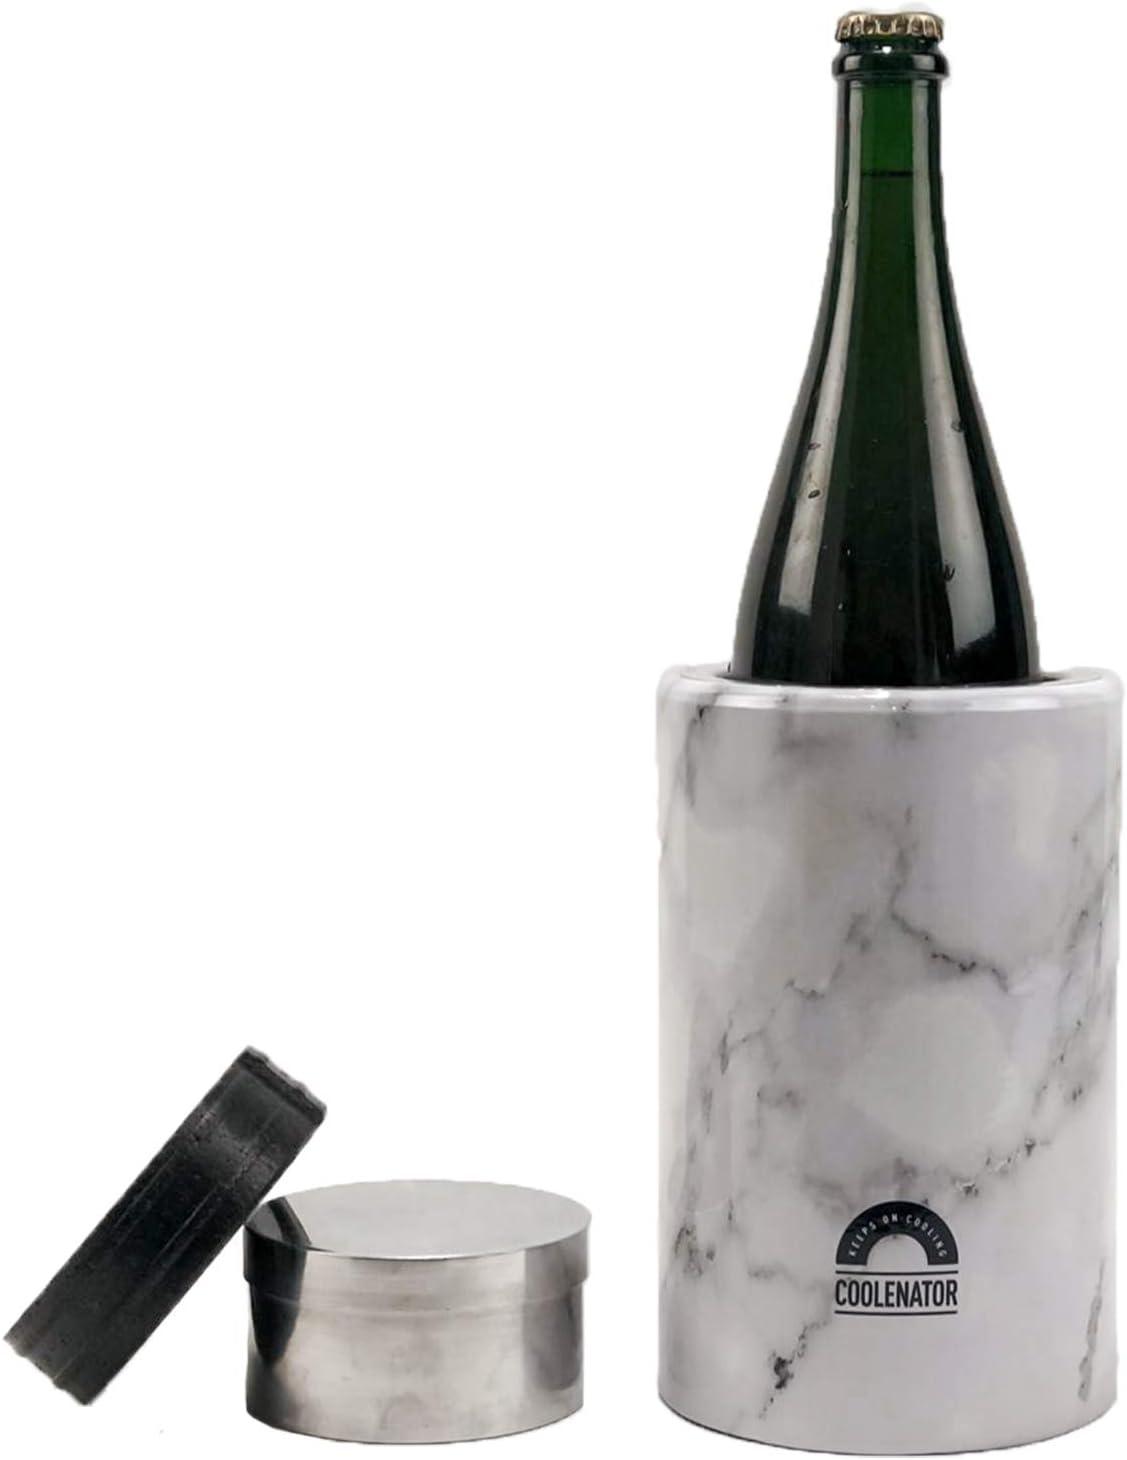 Coolenator Pro con elemento congelador extraíble – Enfriador activo de botellas – hasta 6 horas – Apto para todo tipo de botellas y jarras – Ligero y duradero – Viene en 3 colores – mármol blanco